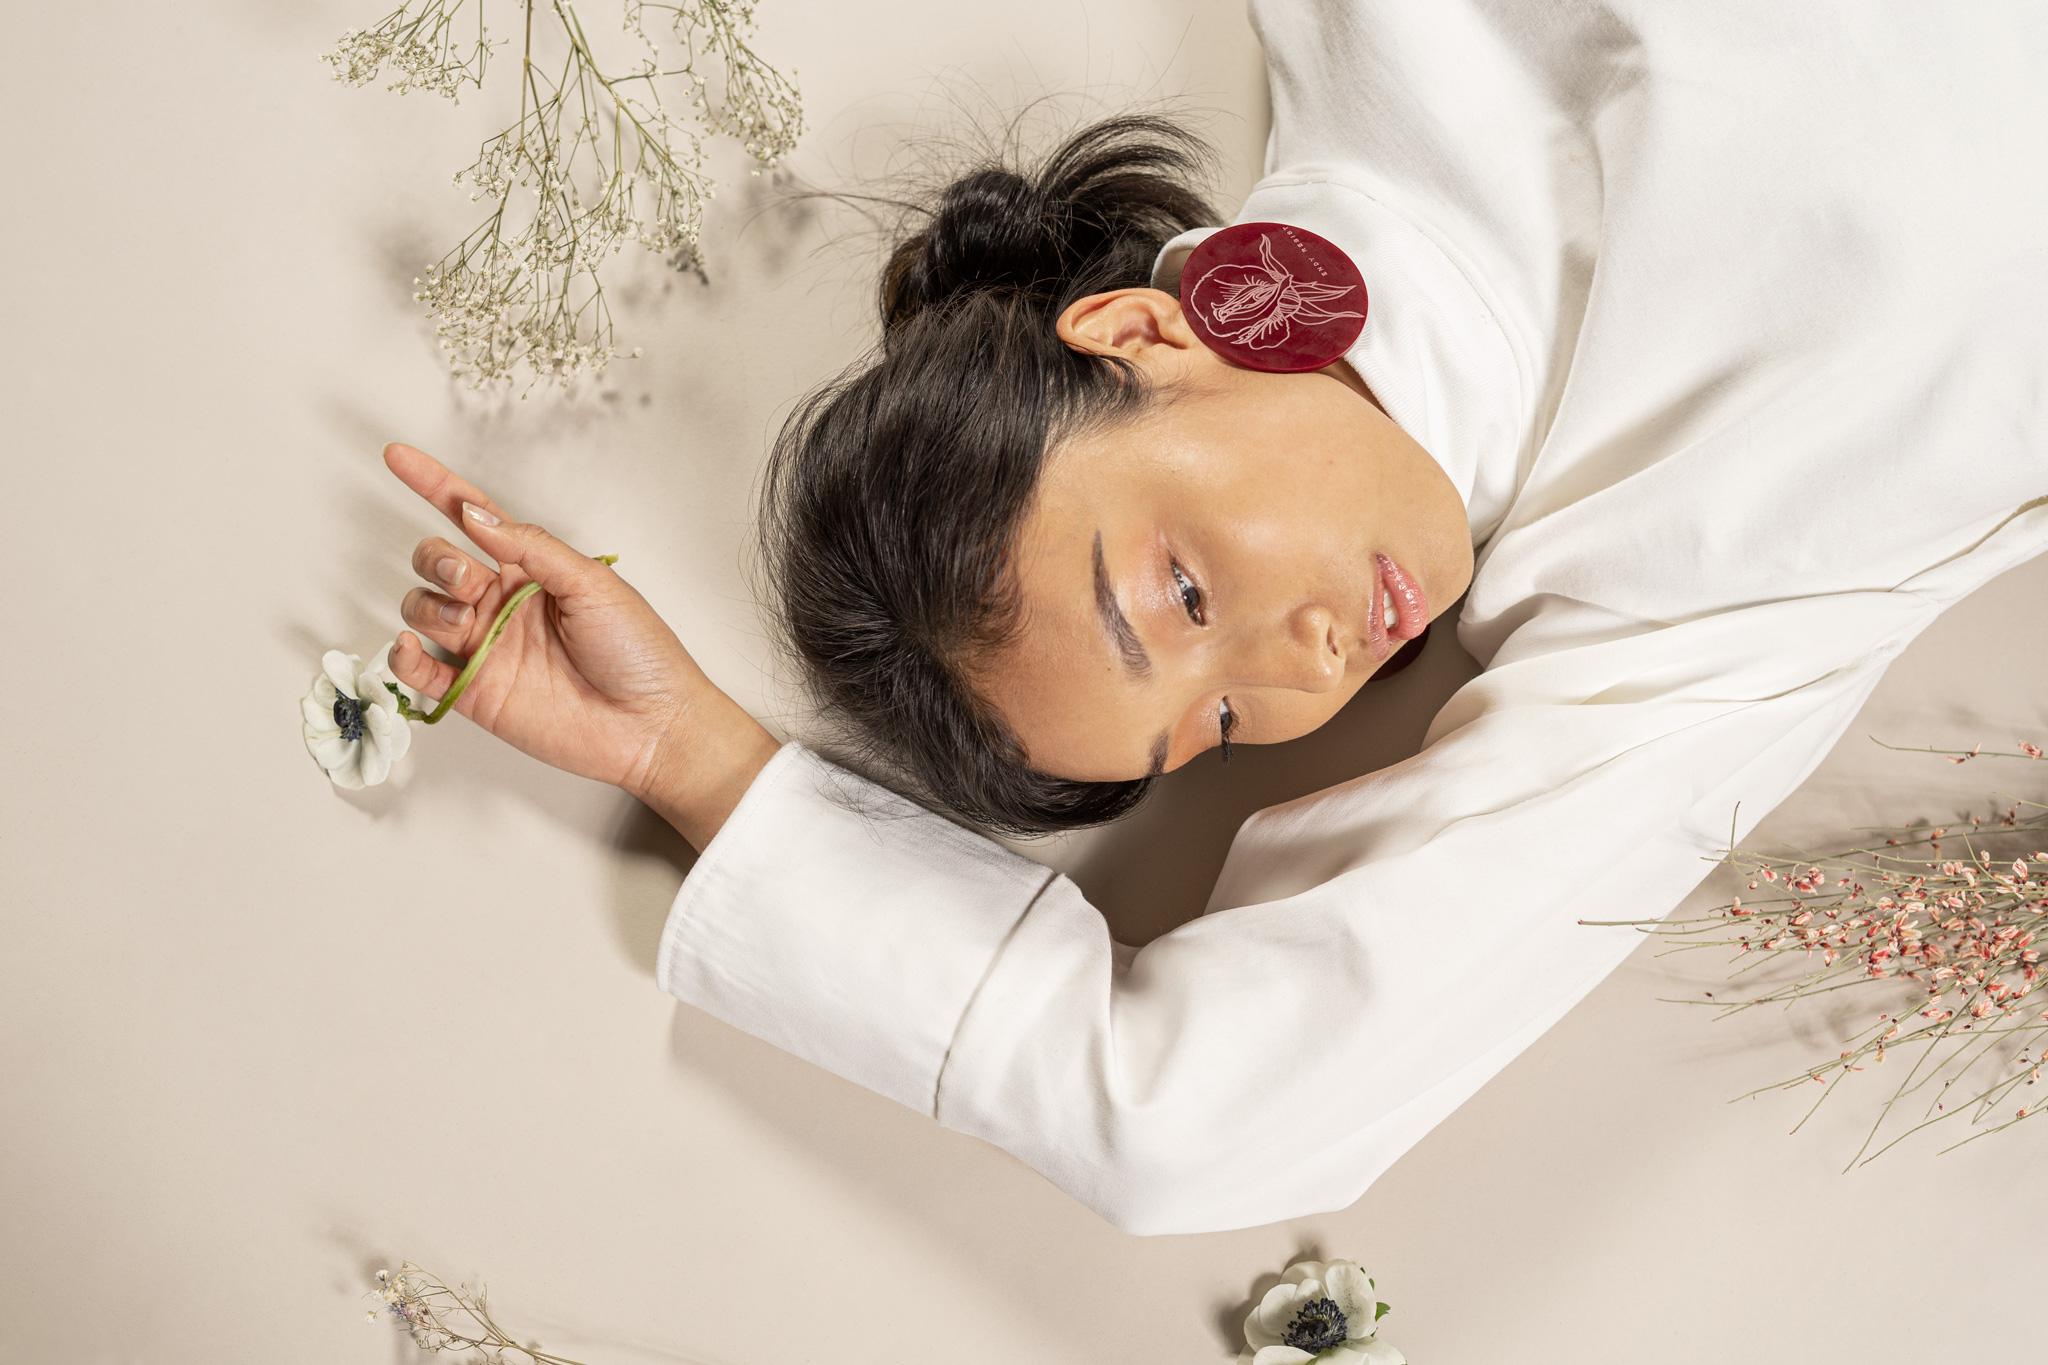 Une femme allongée par terre, un bras au dessus de la tête portant une fleur, regardant au loin.